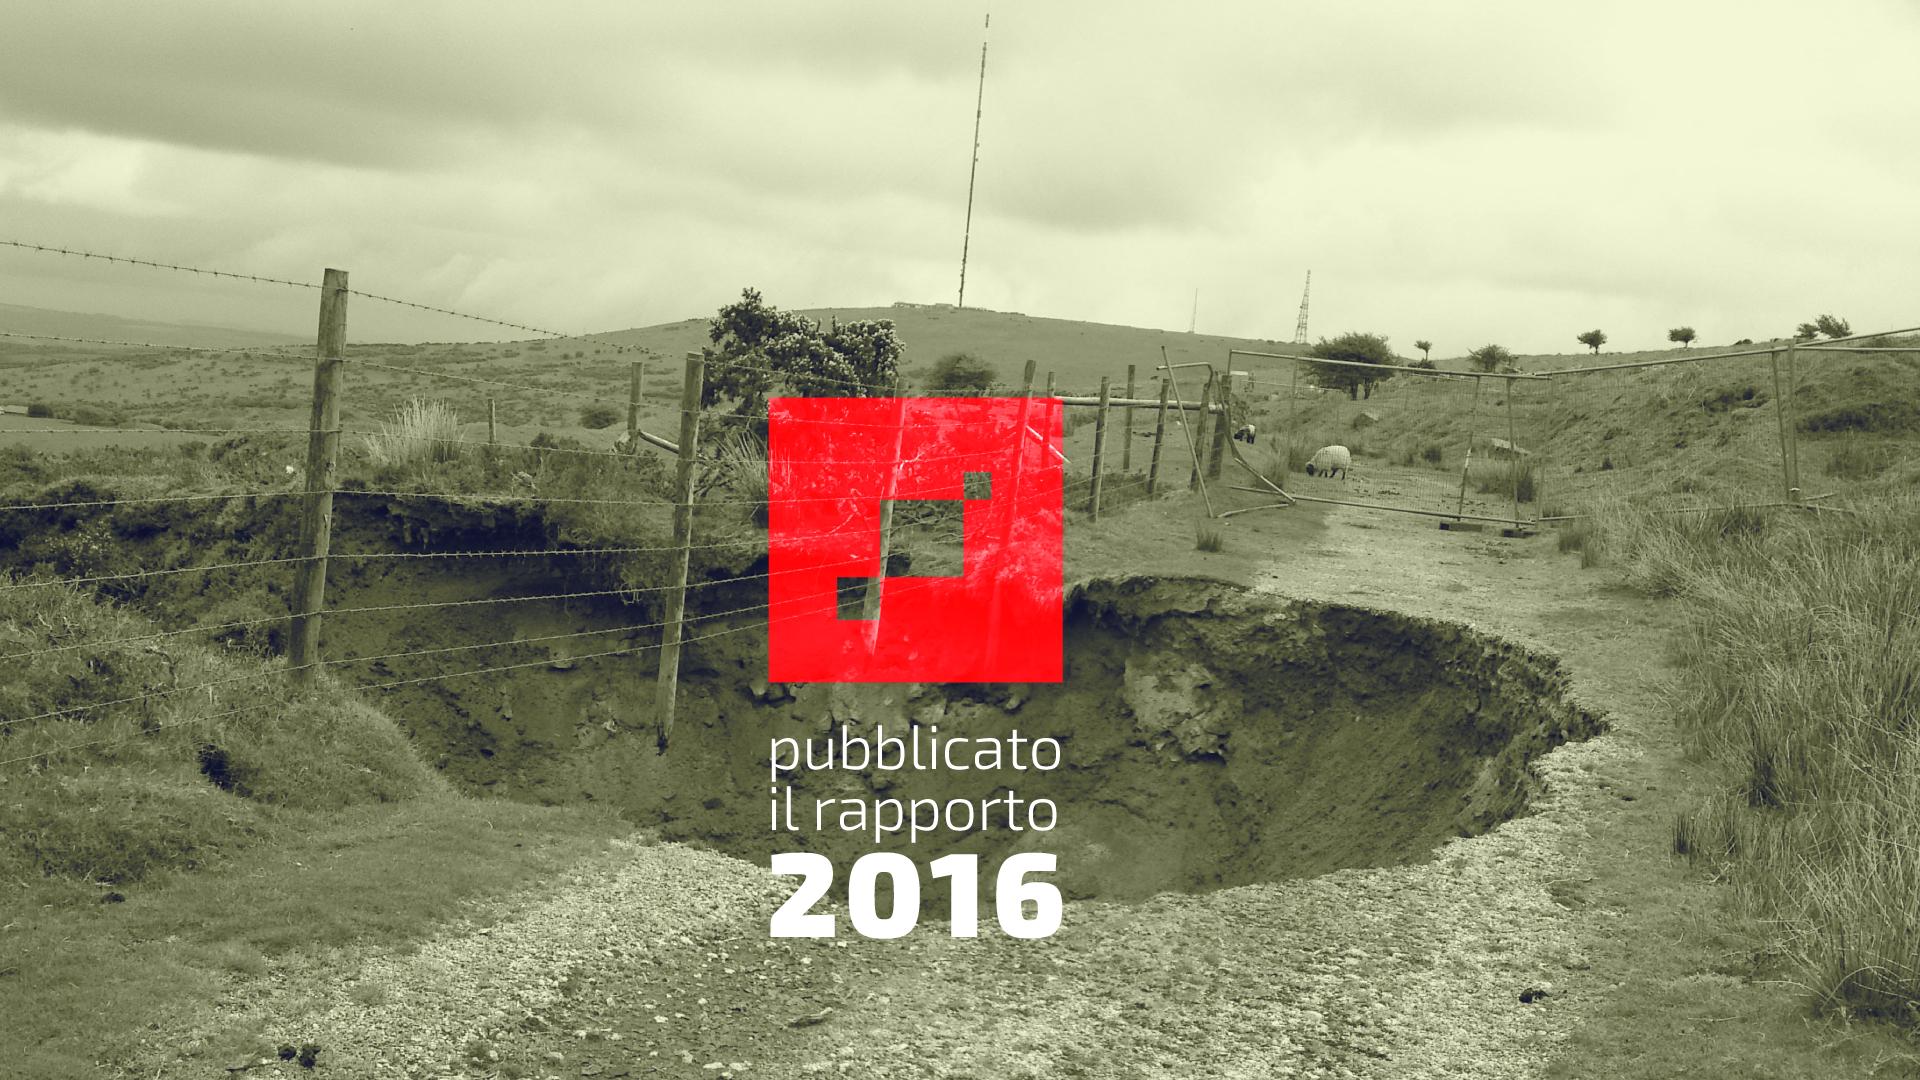 polaris-rapporto-2016-1920x1080